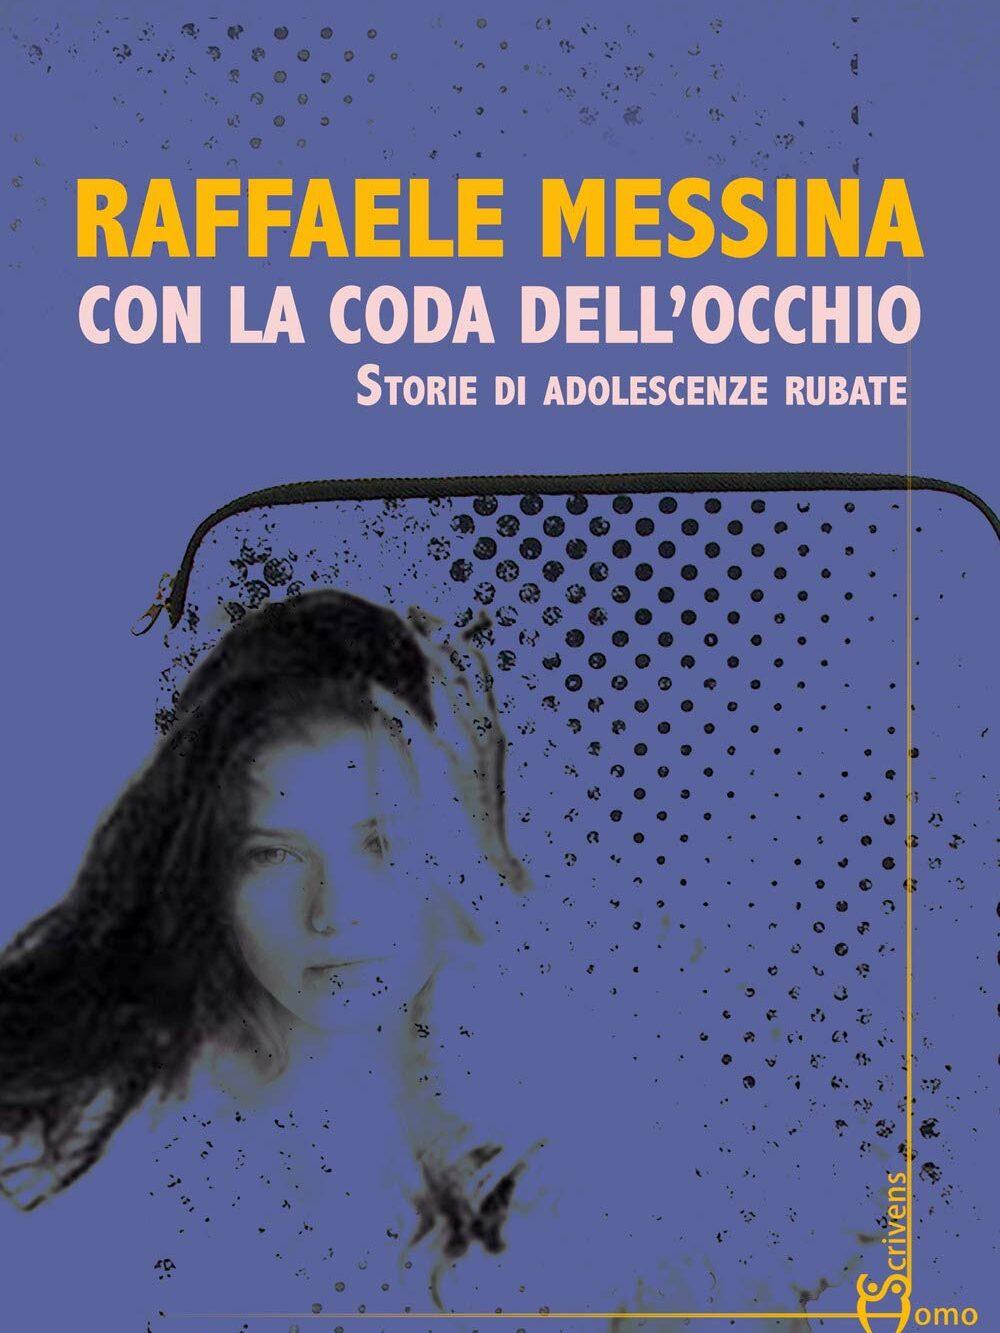 Con la coda dell'occhio; Raffaele Messina